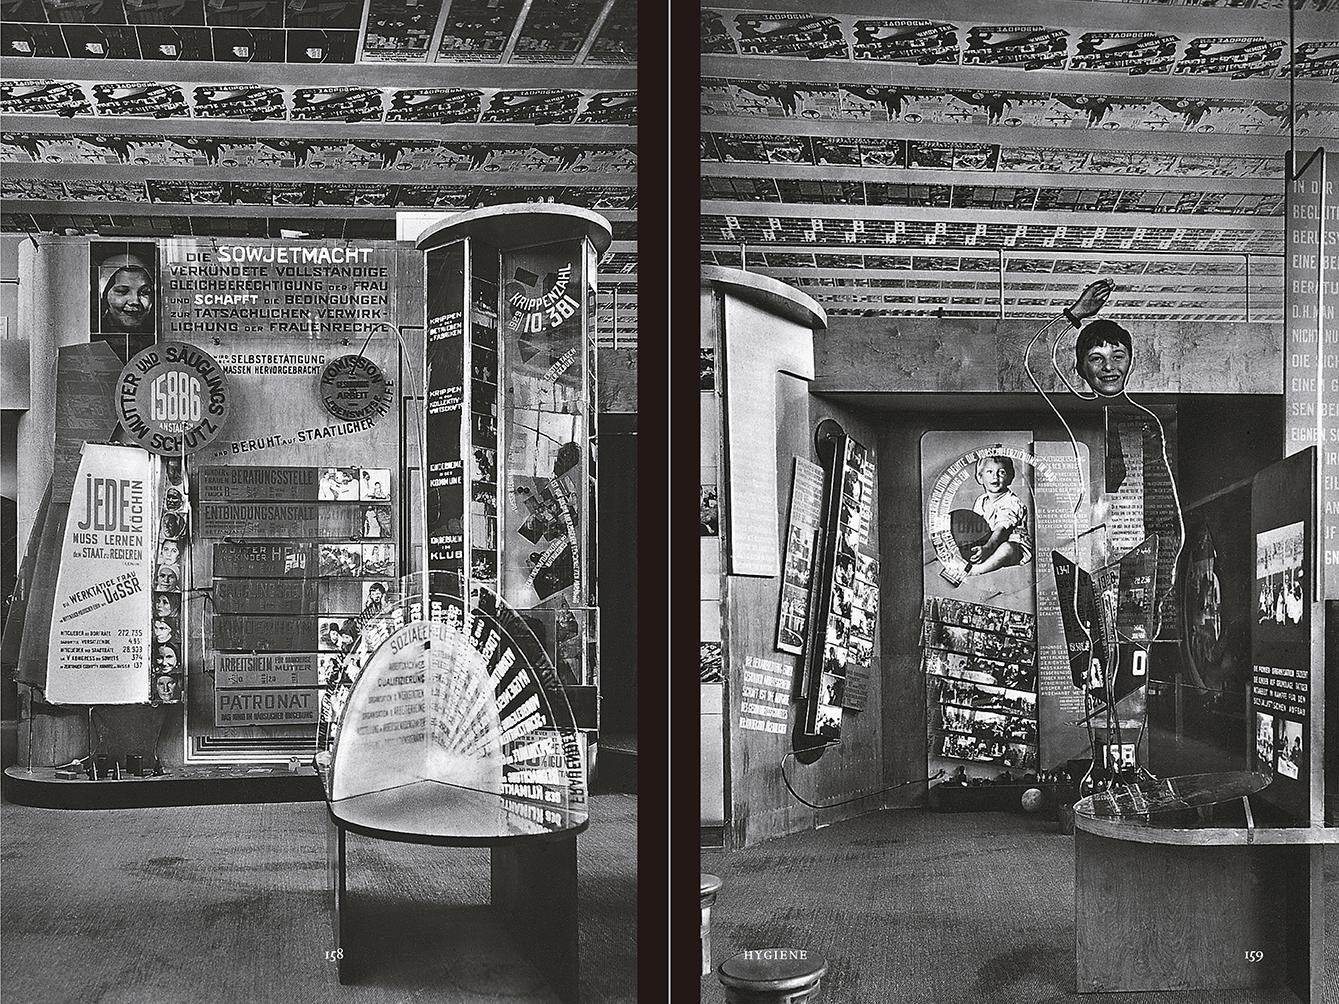 """Selección del catálogo """"Espacios fotográficos públicos. Exposiciones de propaganda, de Pressa a The Family of Man, 1928-1955"""" páginas 158 y 159"""